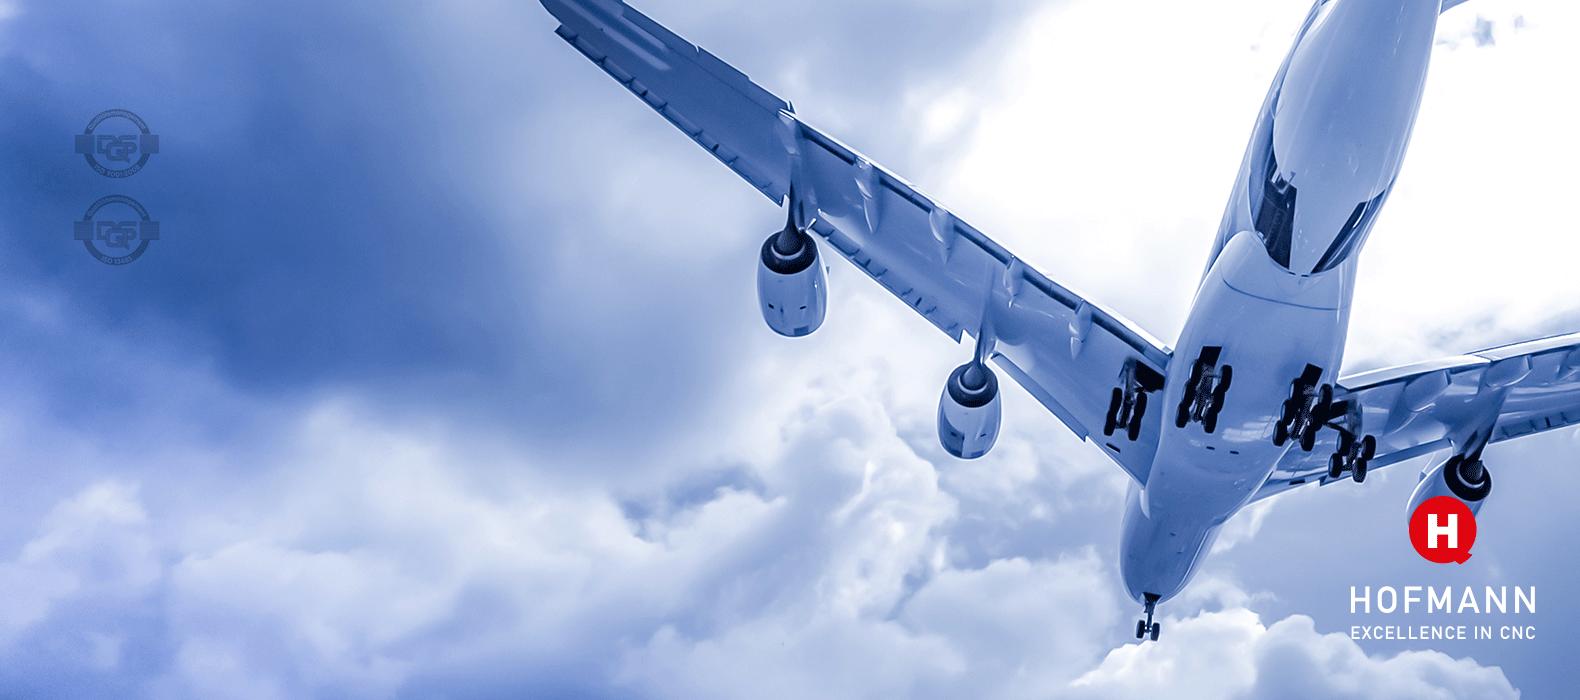 Hofmann CNC Aviation Luftfahrt